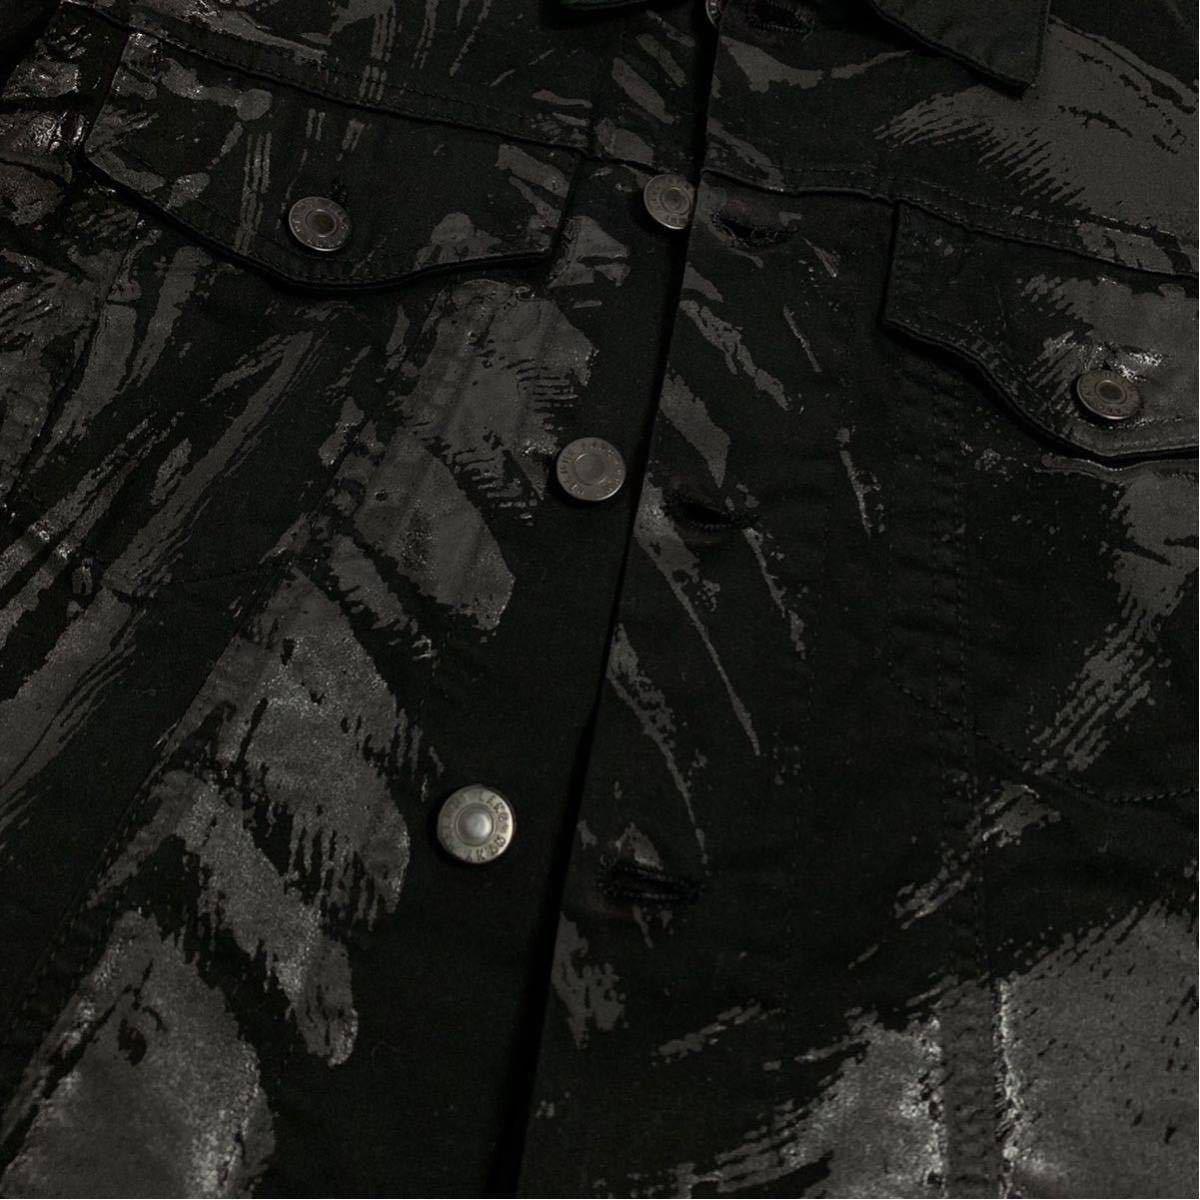 Helmut Lang 初期 ペンキペイント ジャケット コットン ブラック ヘルムートラング イタリア製 本人期 アーカイブ 1円スタート メンズ_画像6